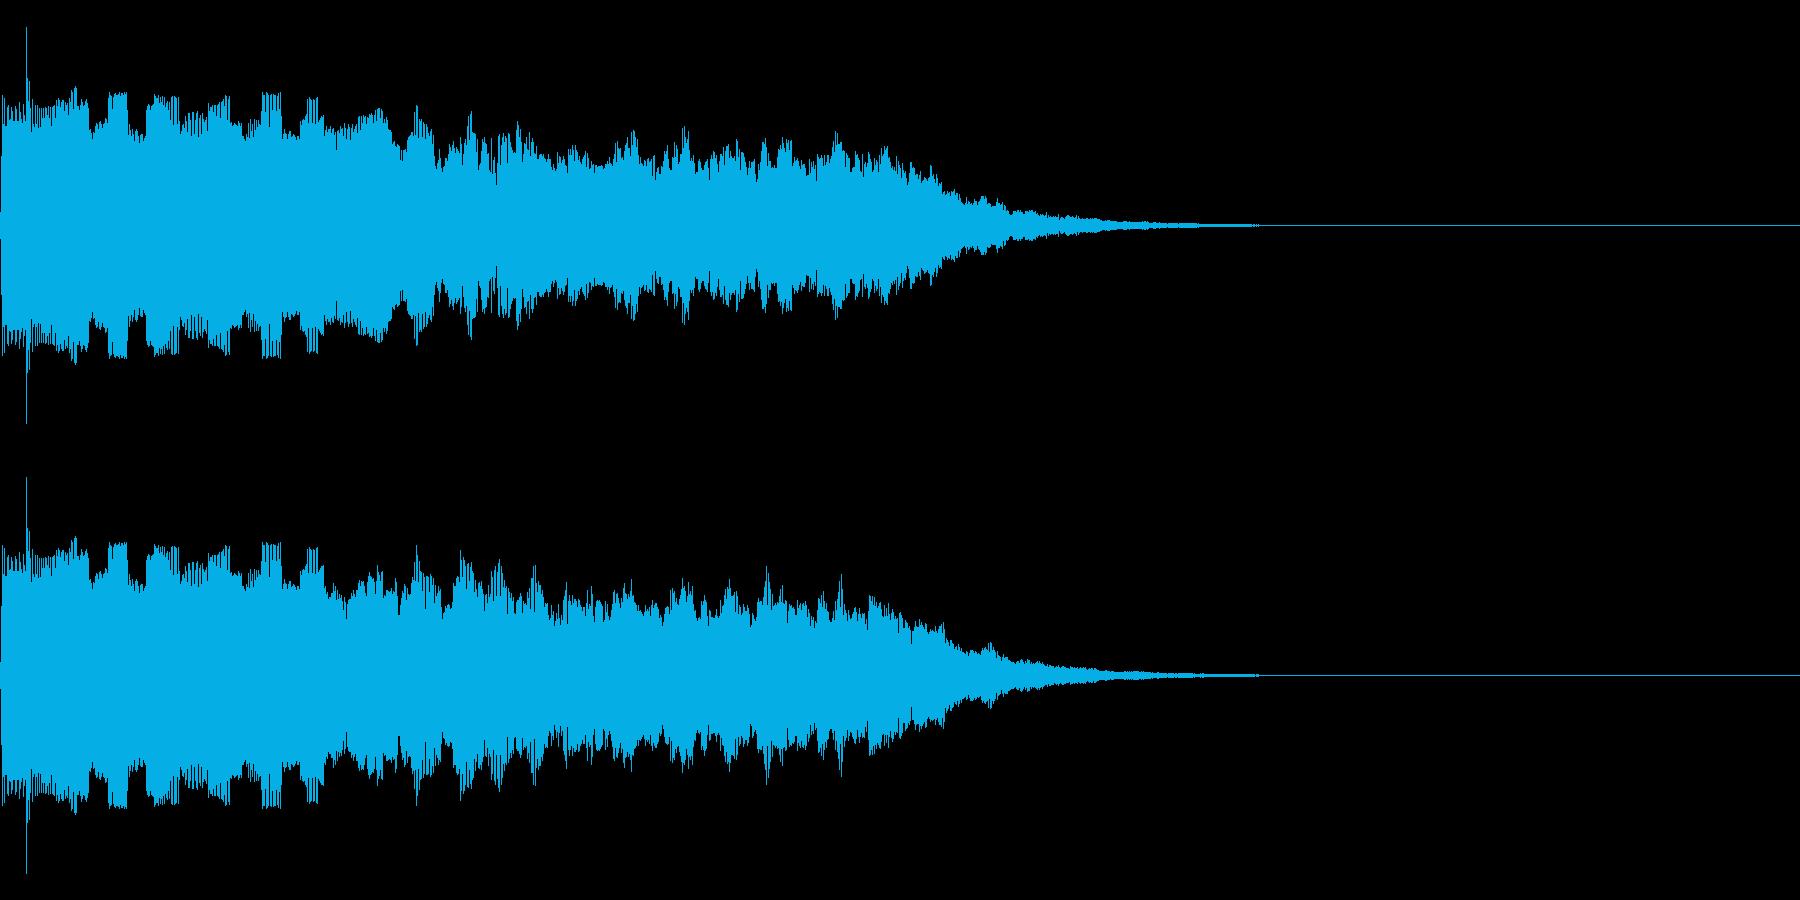 【SE 効果音】ピロピロの再生済みの波形